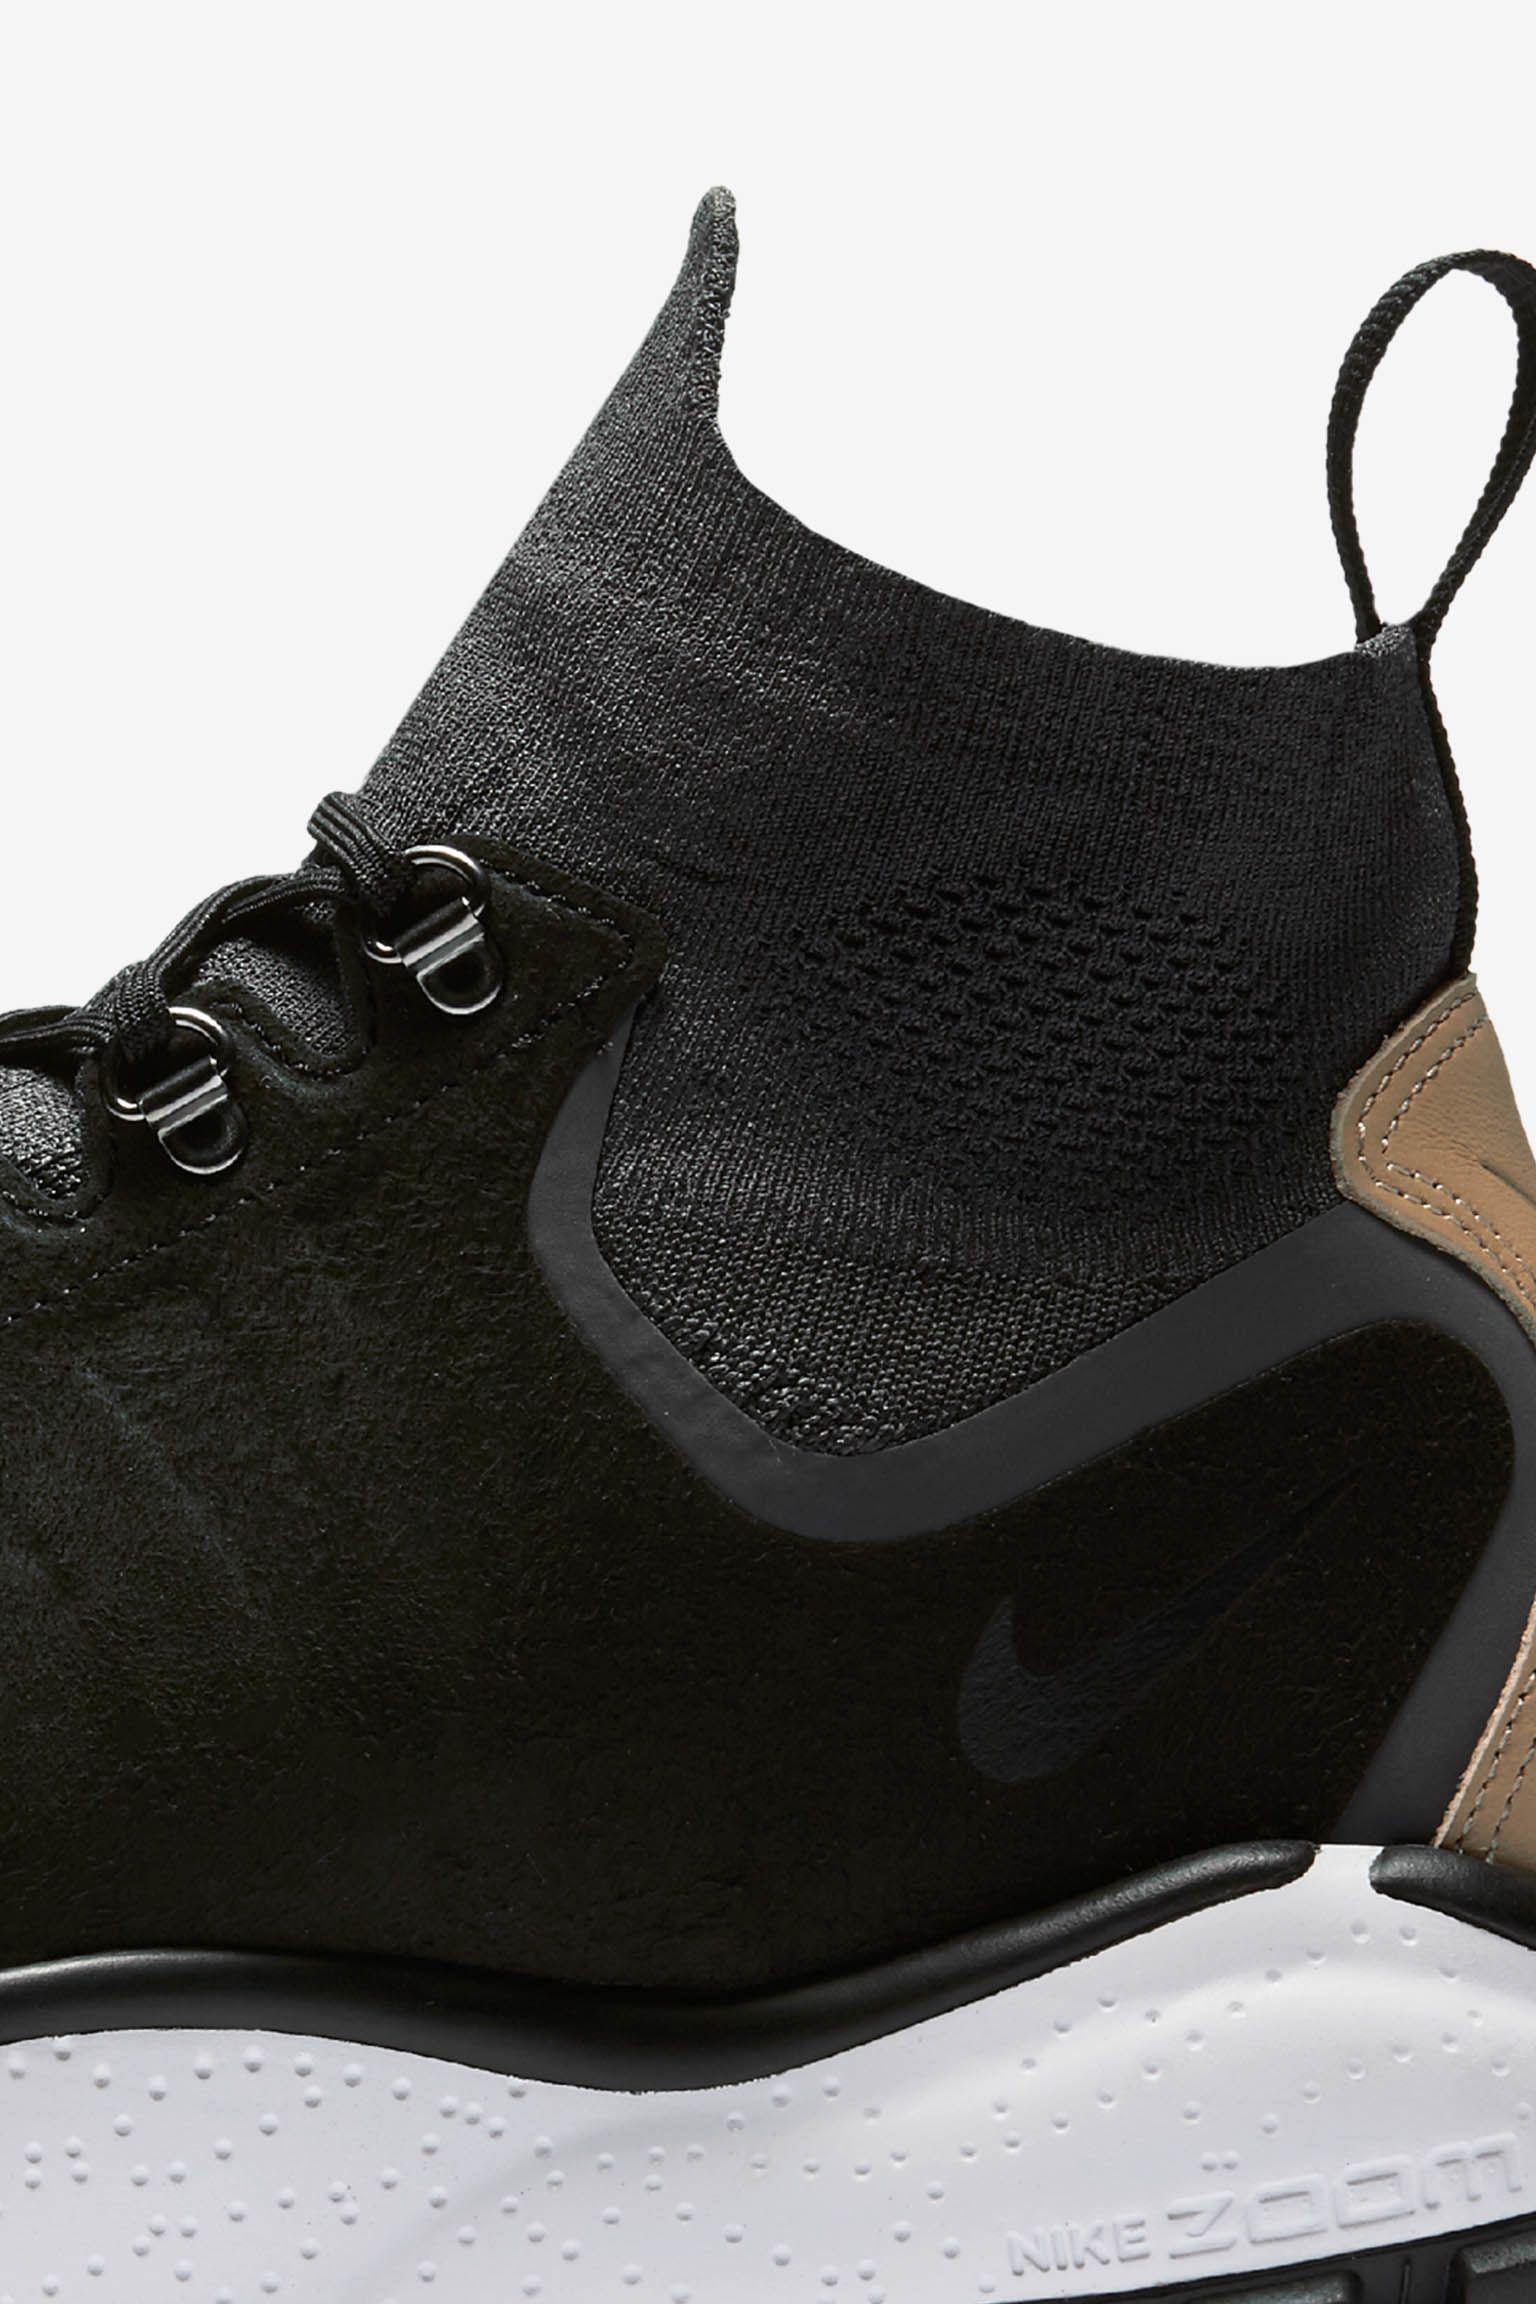 Nike Air Zoom Talaria Mid Flyknit 'Black & Vachetta Tan'